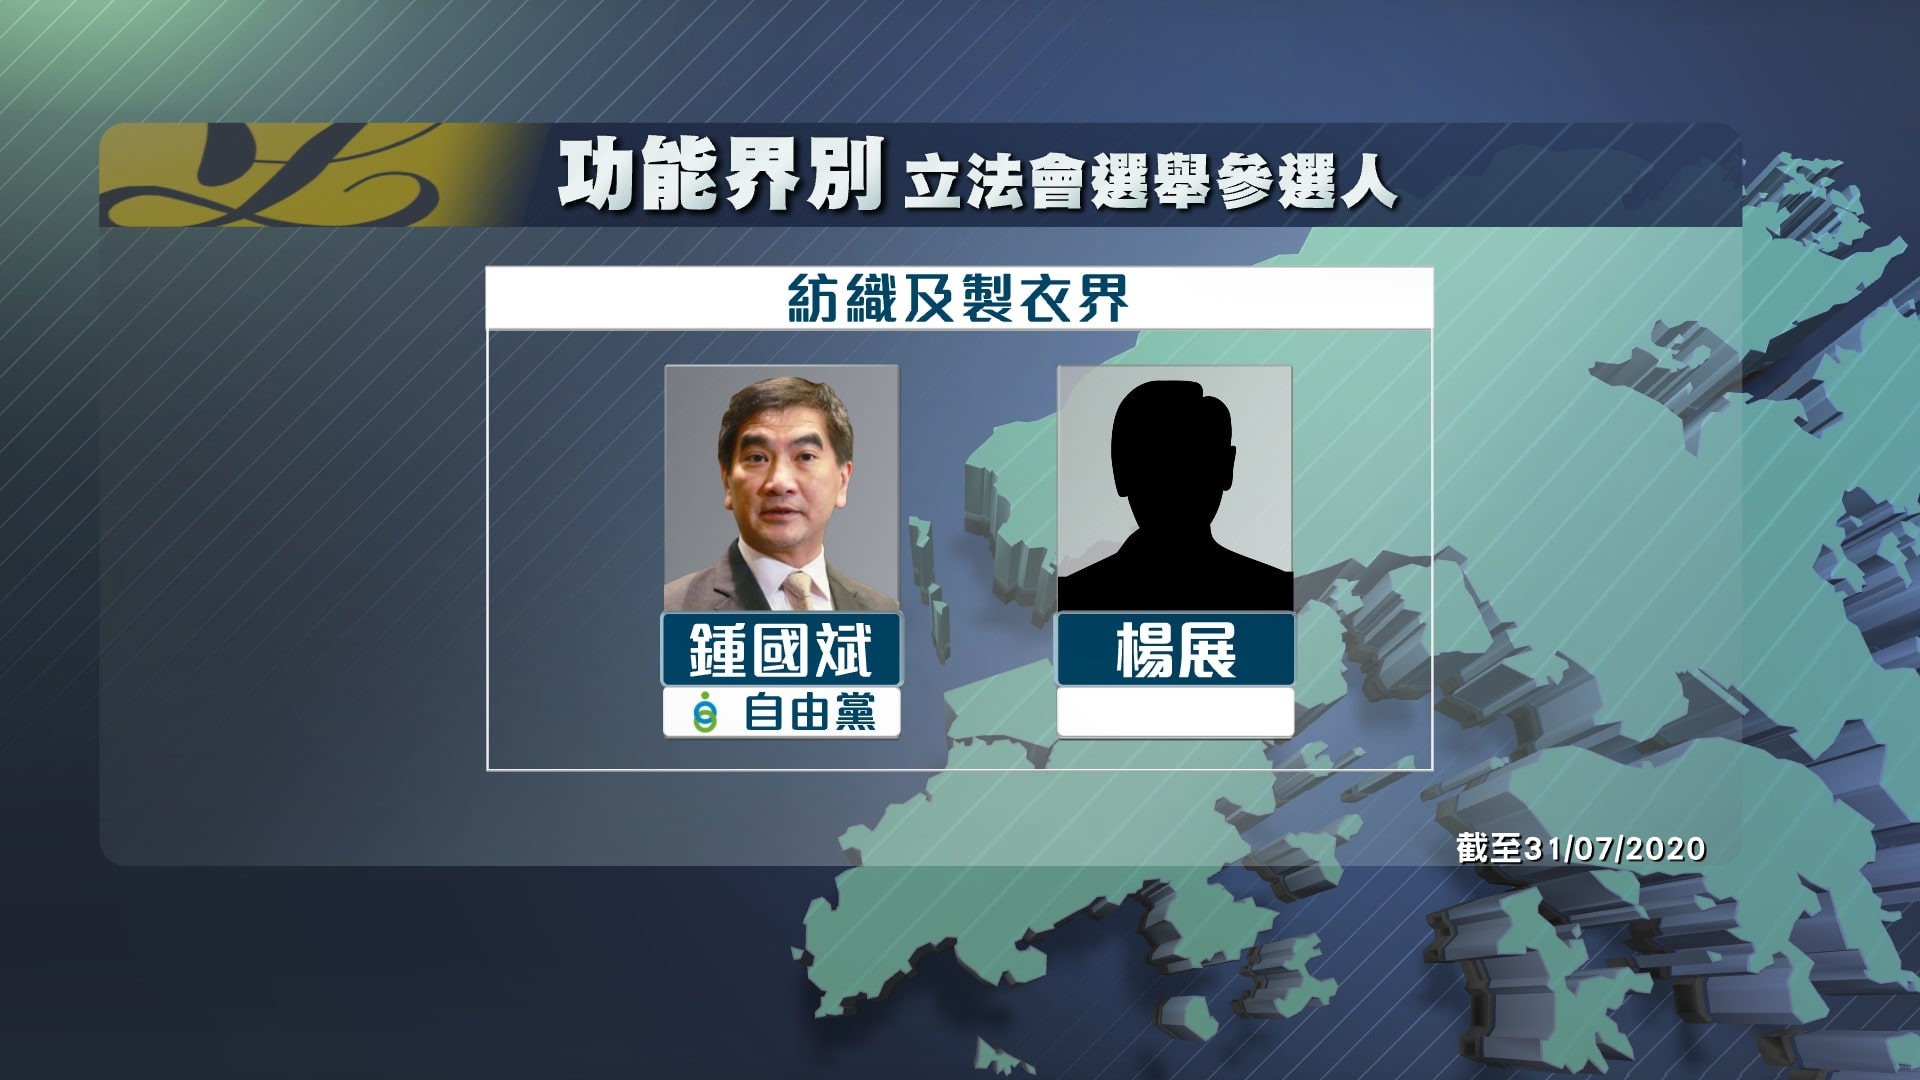 【持續更新‧附DQ名單】立法會選舉參選名單 (截至7月31日)